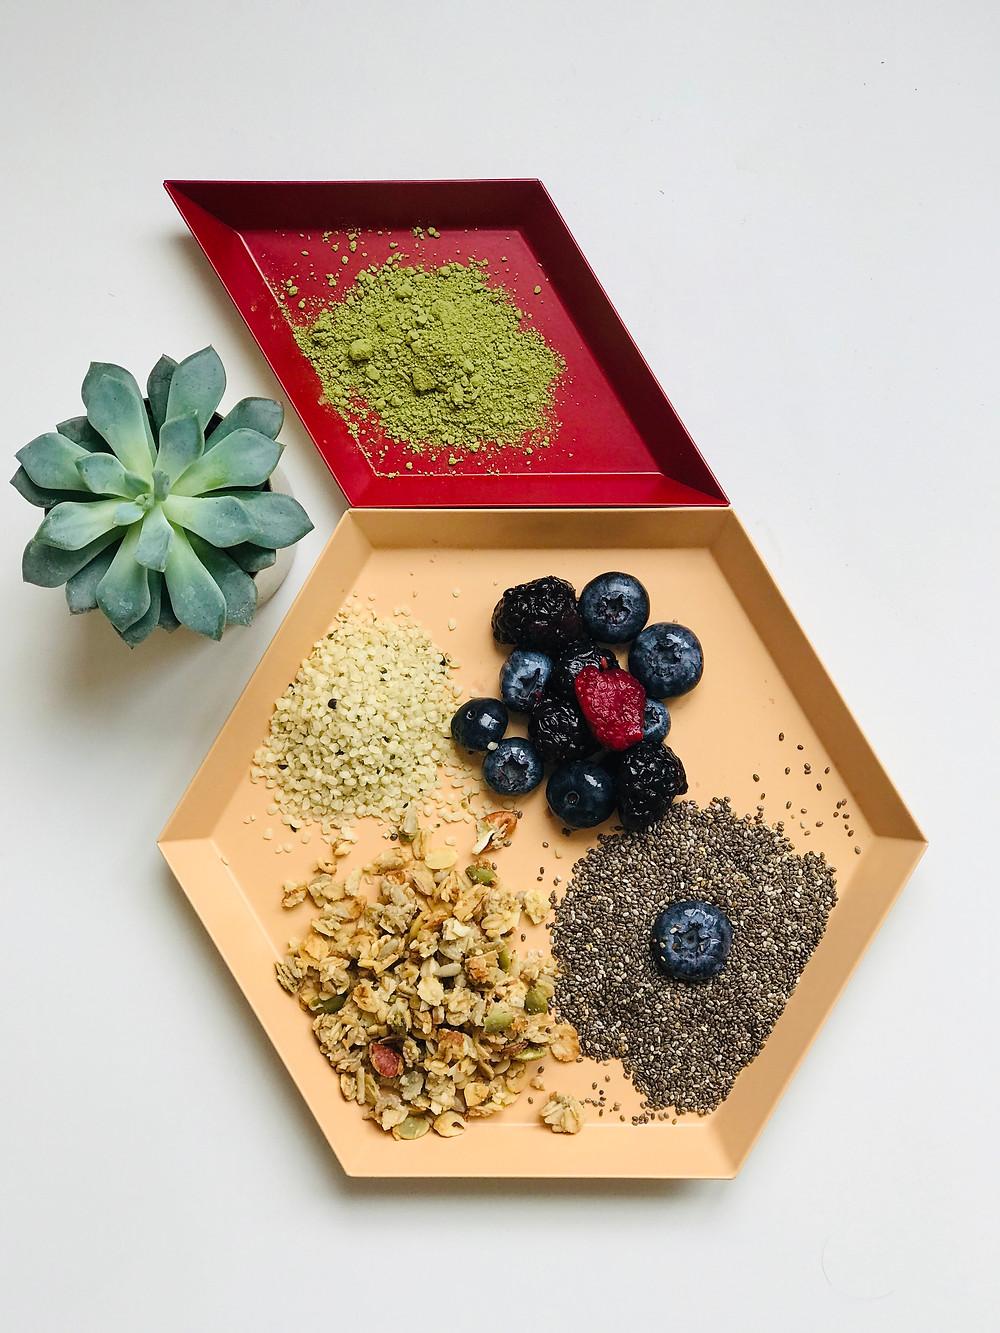 Τα συστατικά για την πουτίγκα μάτσα με σπόρους τσία.